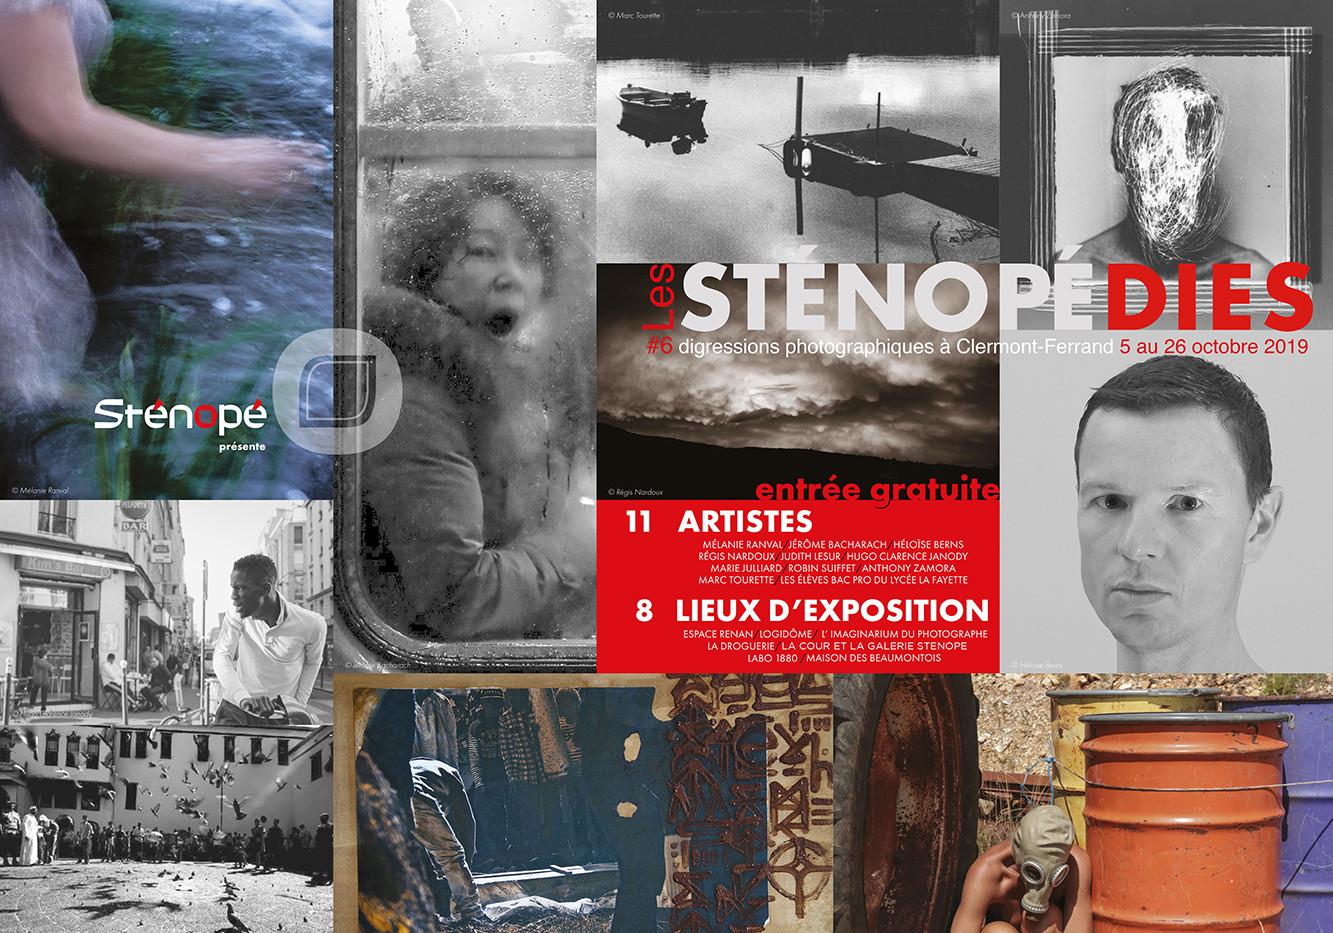 vAffiche_Sténopédies_2019def-JRDEF.jpg